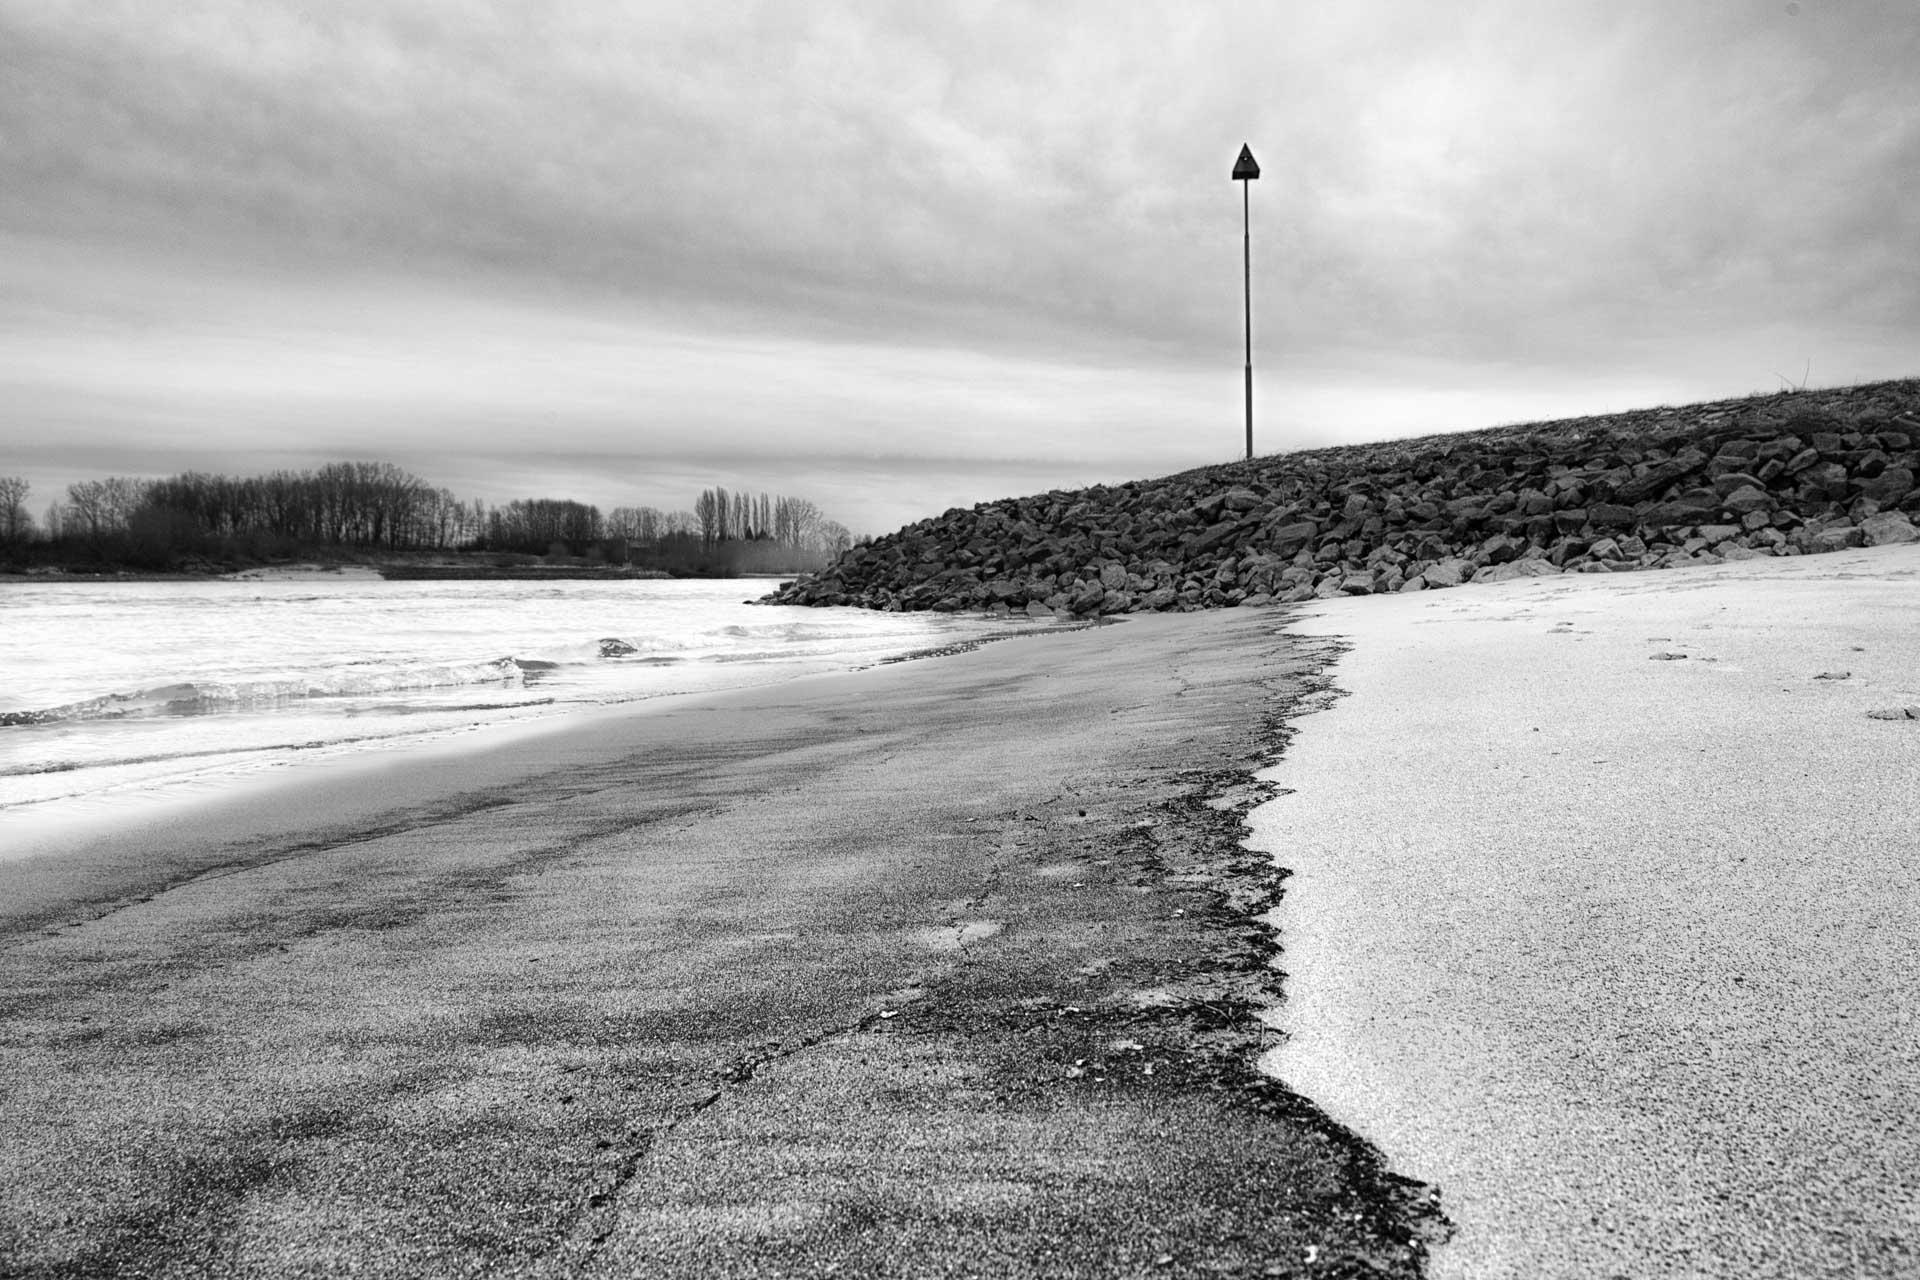 natuurfotografie, landschap, fotografie, fotograaf, Ooijpolder, de Waal